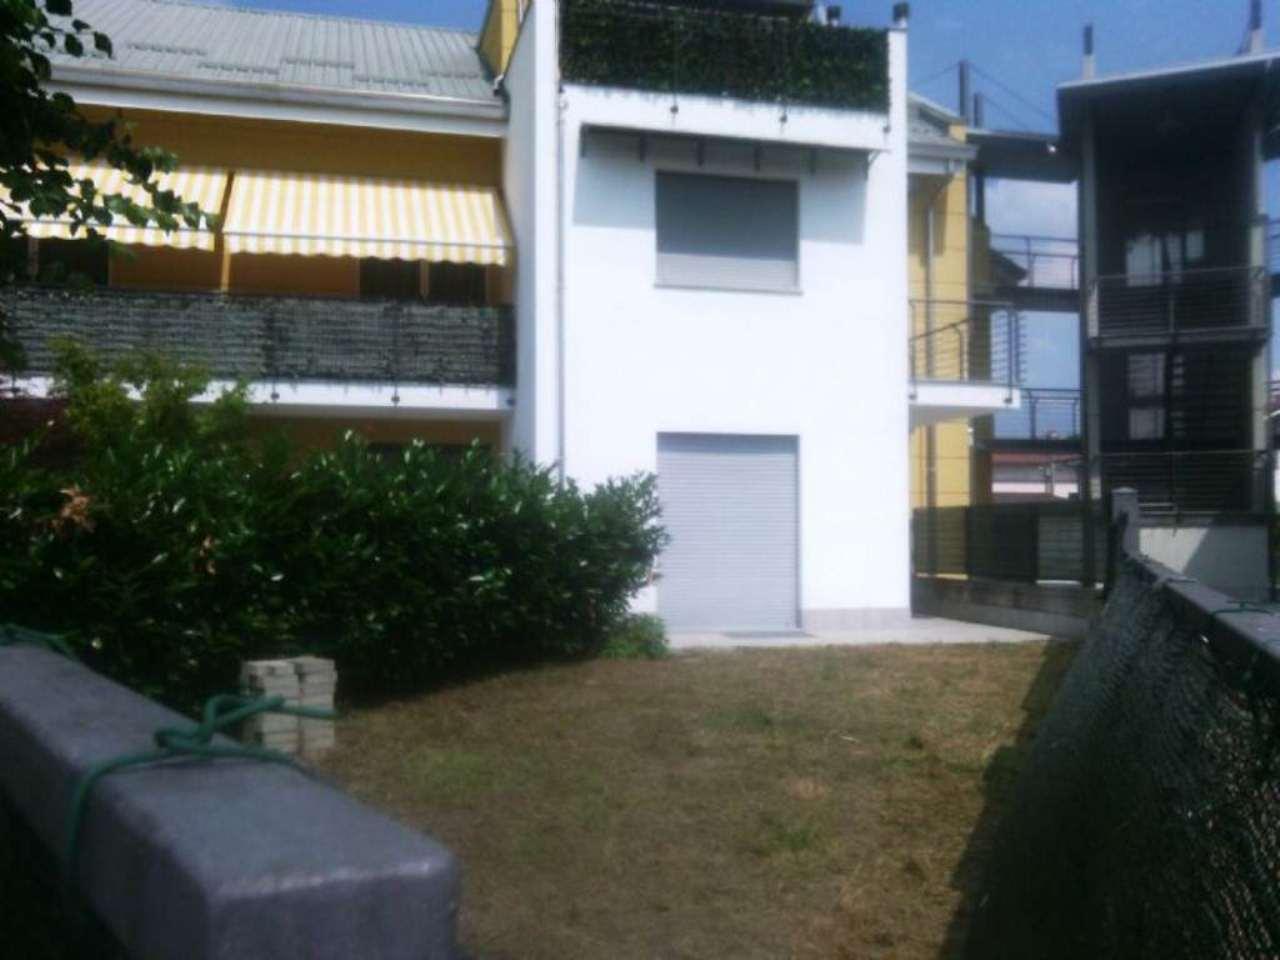 Appartamento in affitto a San Maurizio Canavese, 2 locali, zona Località: Centro, prezzo € 450   PortaleAgenzieImmobiliari.it